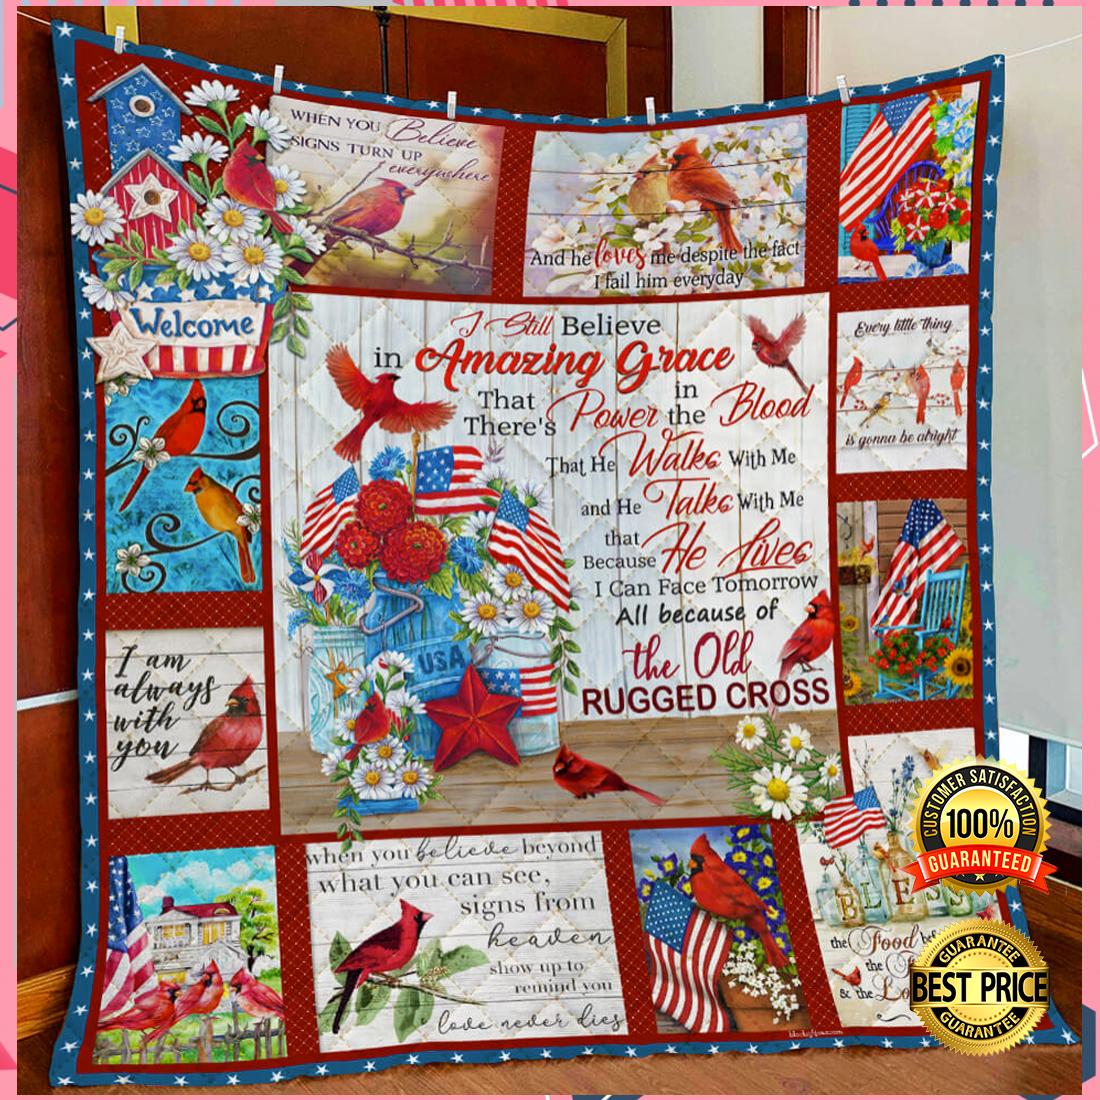 Cardinal i still believe in Amazing grace blanket 3